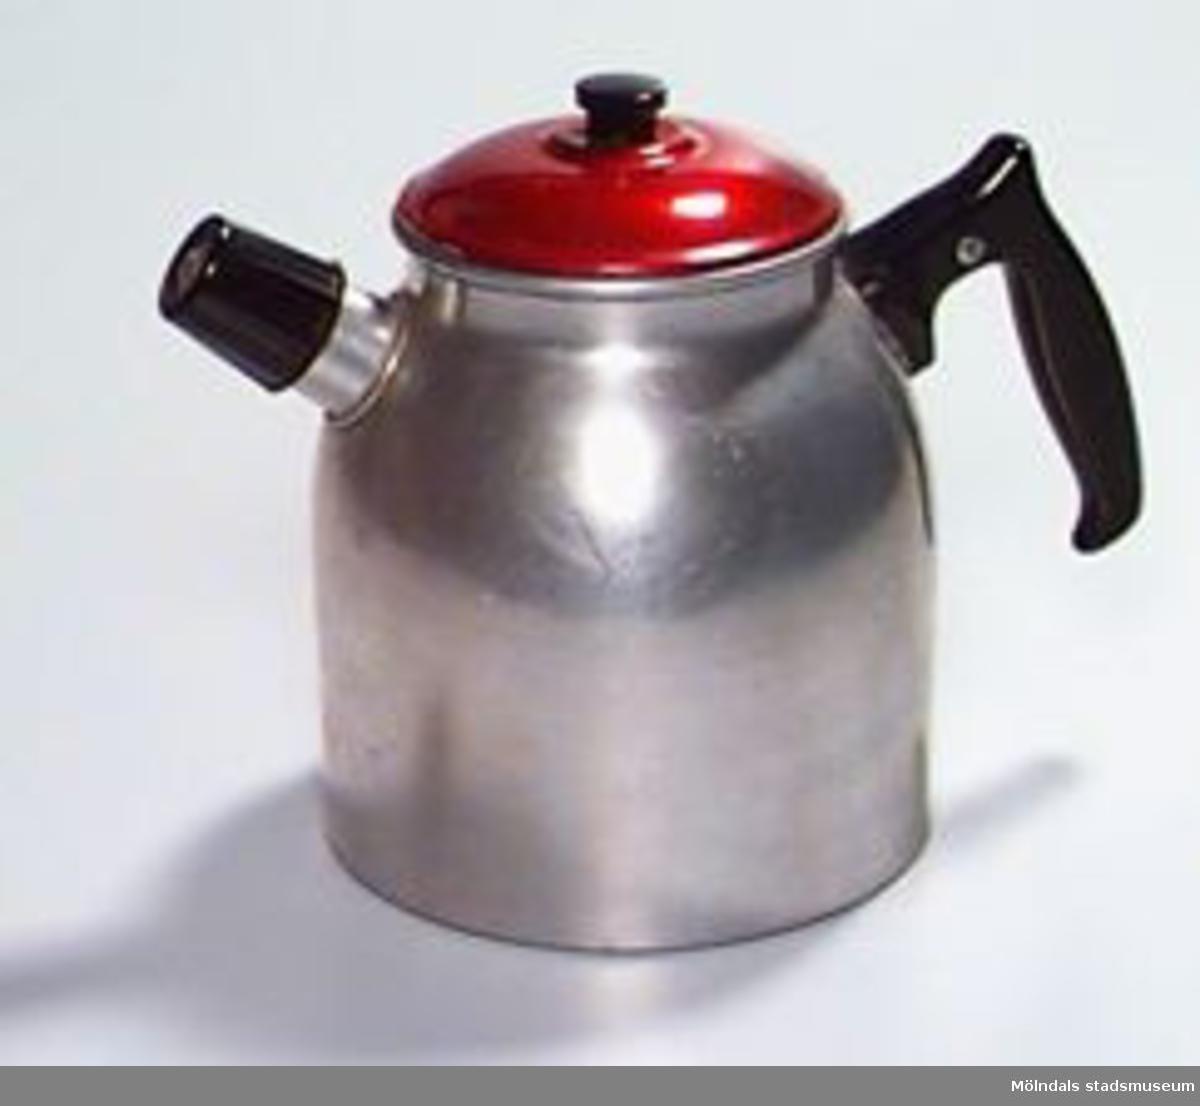 """Svart pipa och handtag, rött lock. Instansat: """"2"""" vid sidan av handtaget.Funktion: Kaffet kokades förr i en kaffepanna, ett kärl som ställdes på spisen och värmdes så att de malda kaffebönorna började koka."""